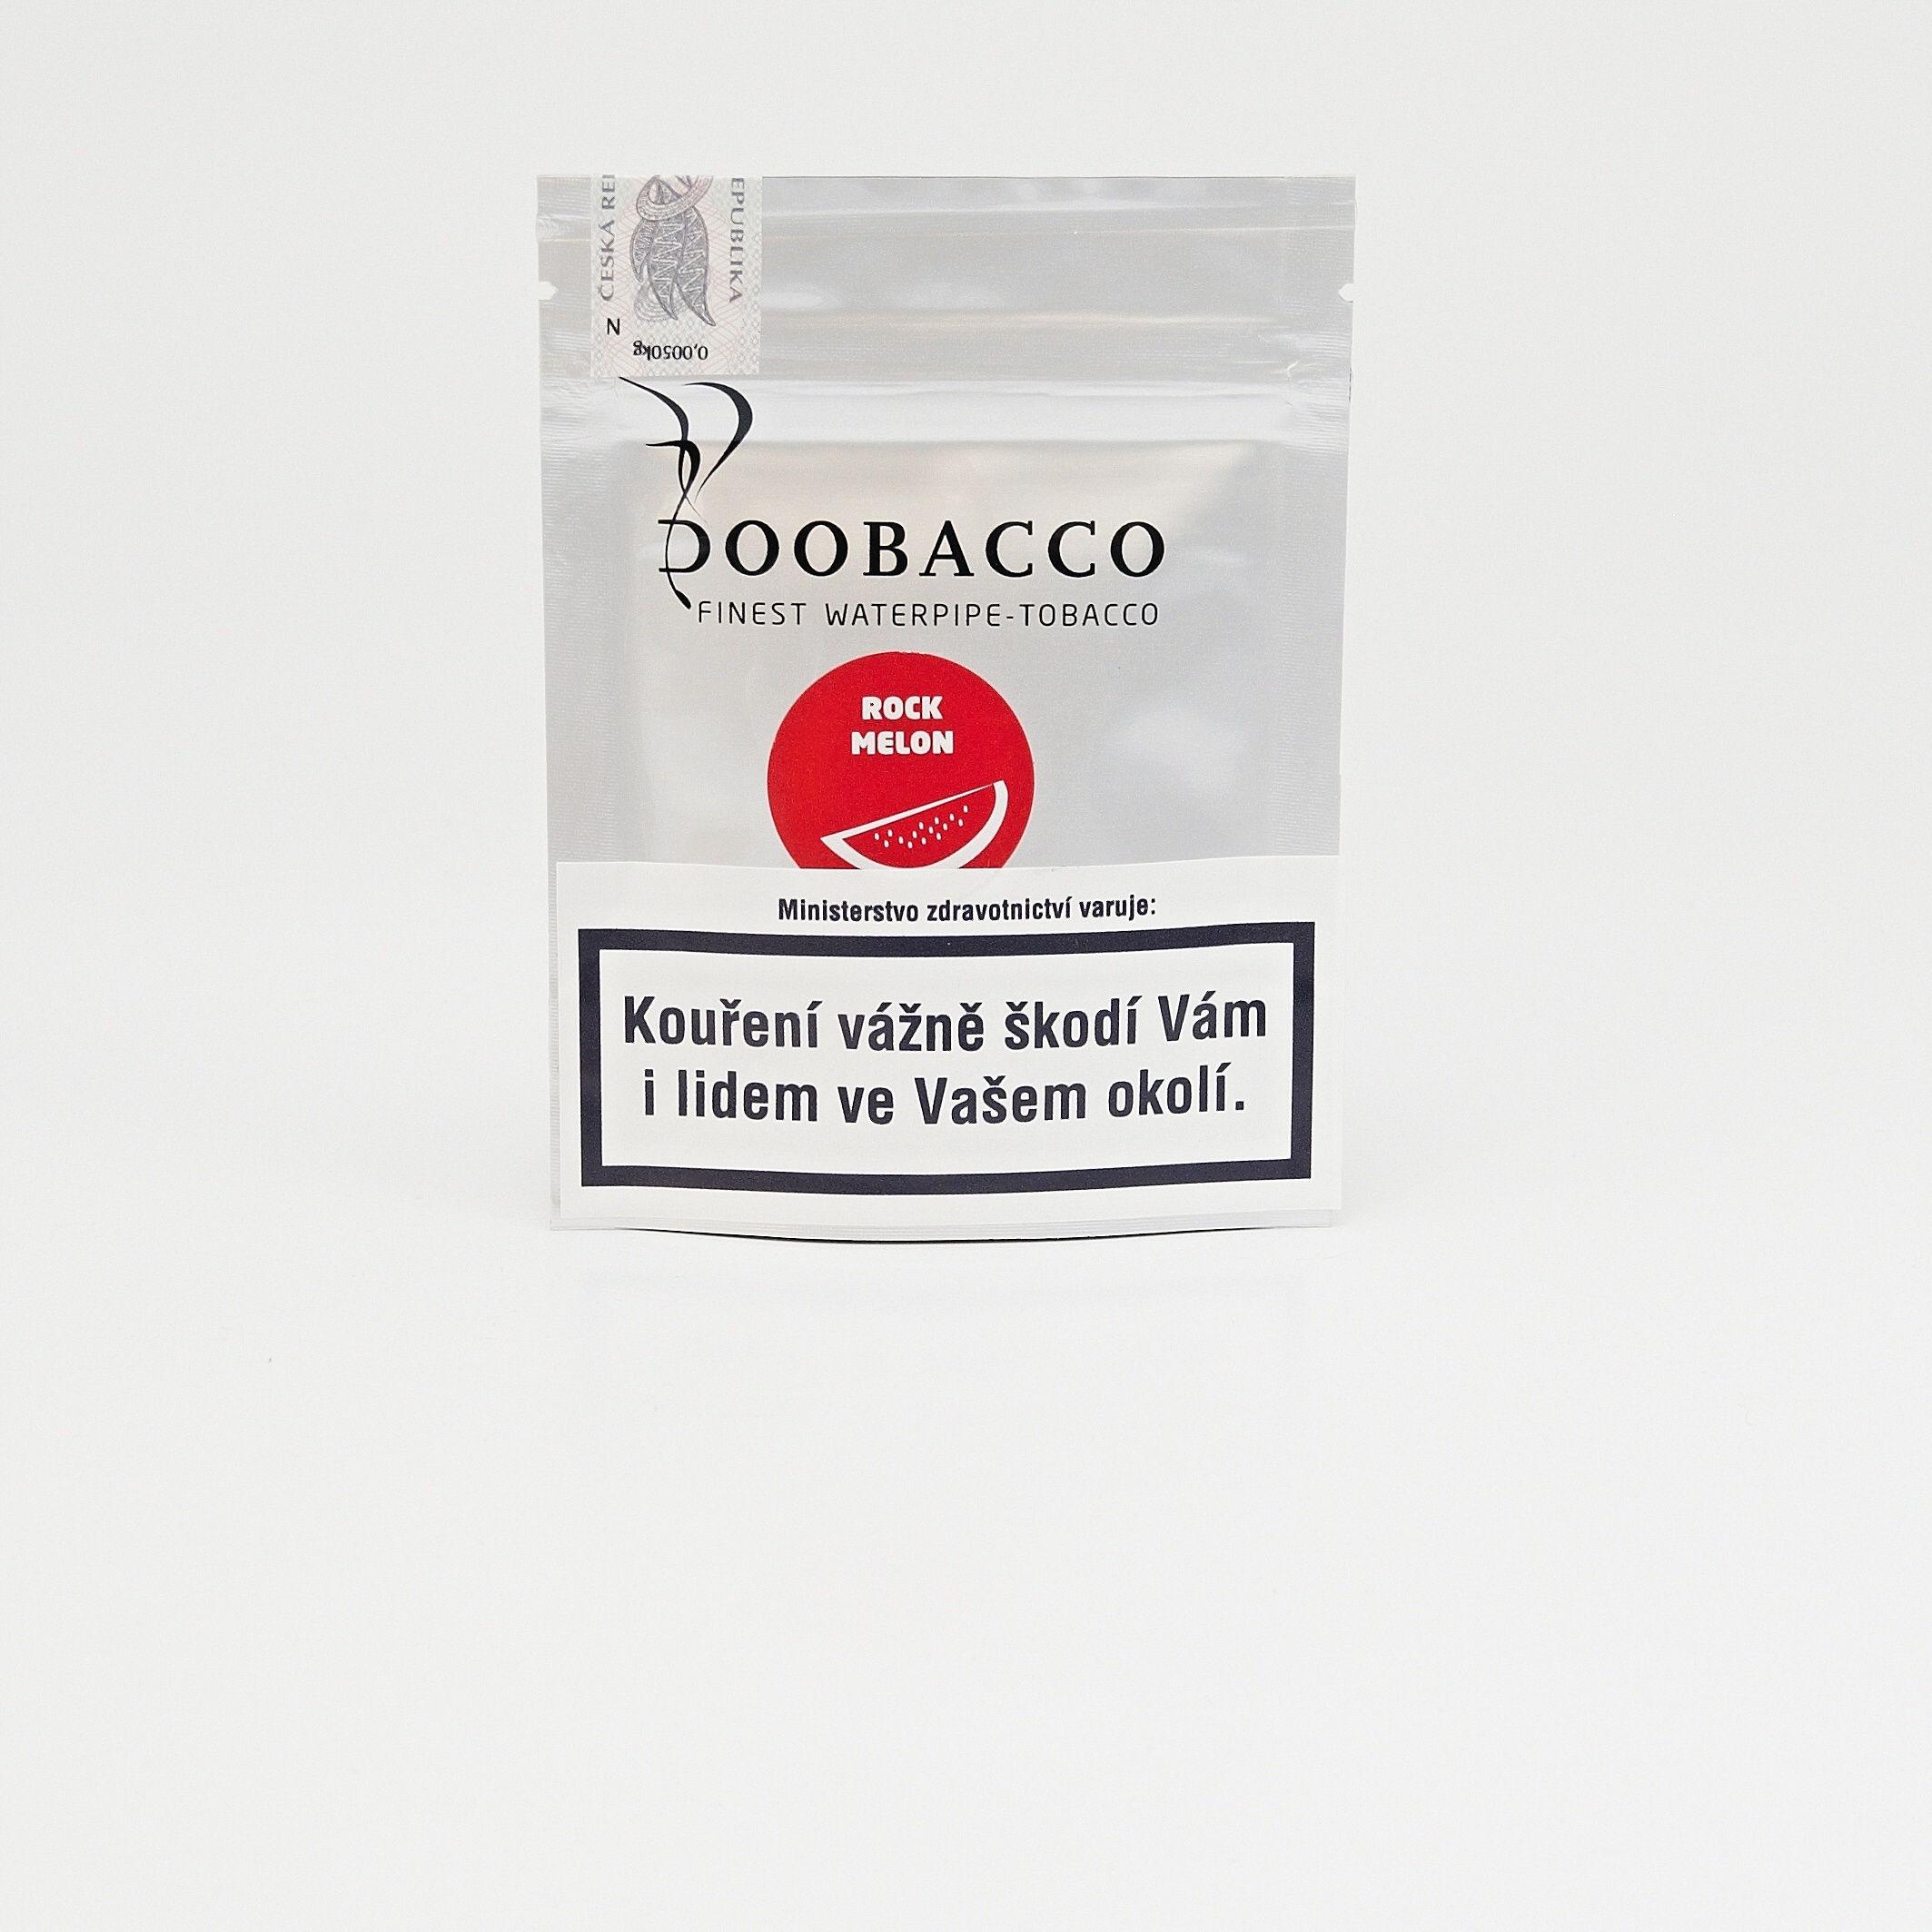 tabák do vodních dýmek Doobacco